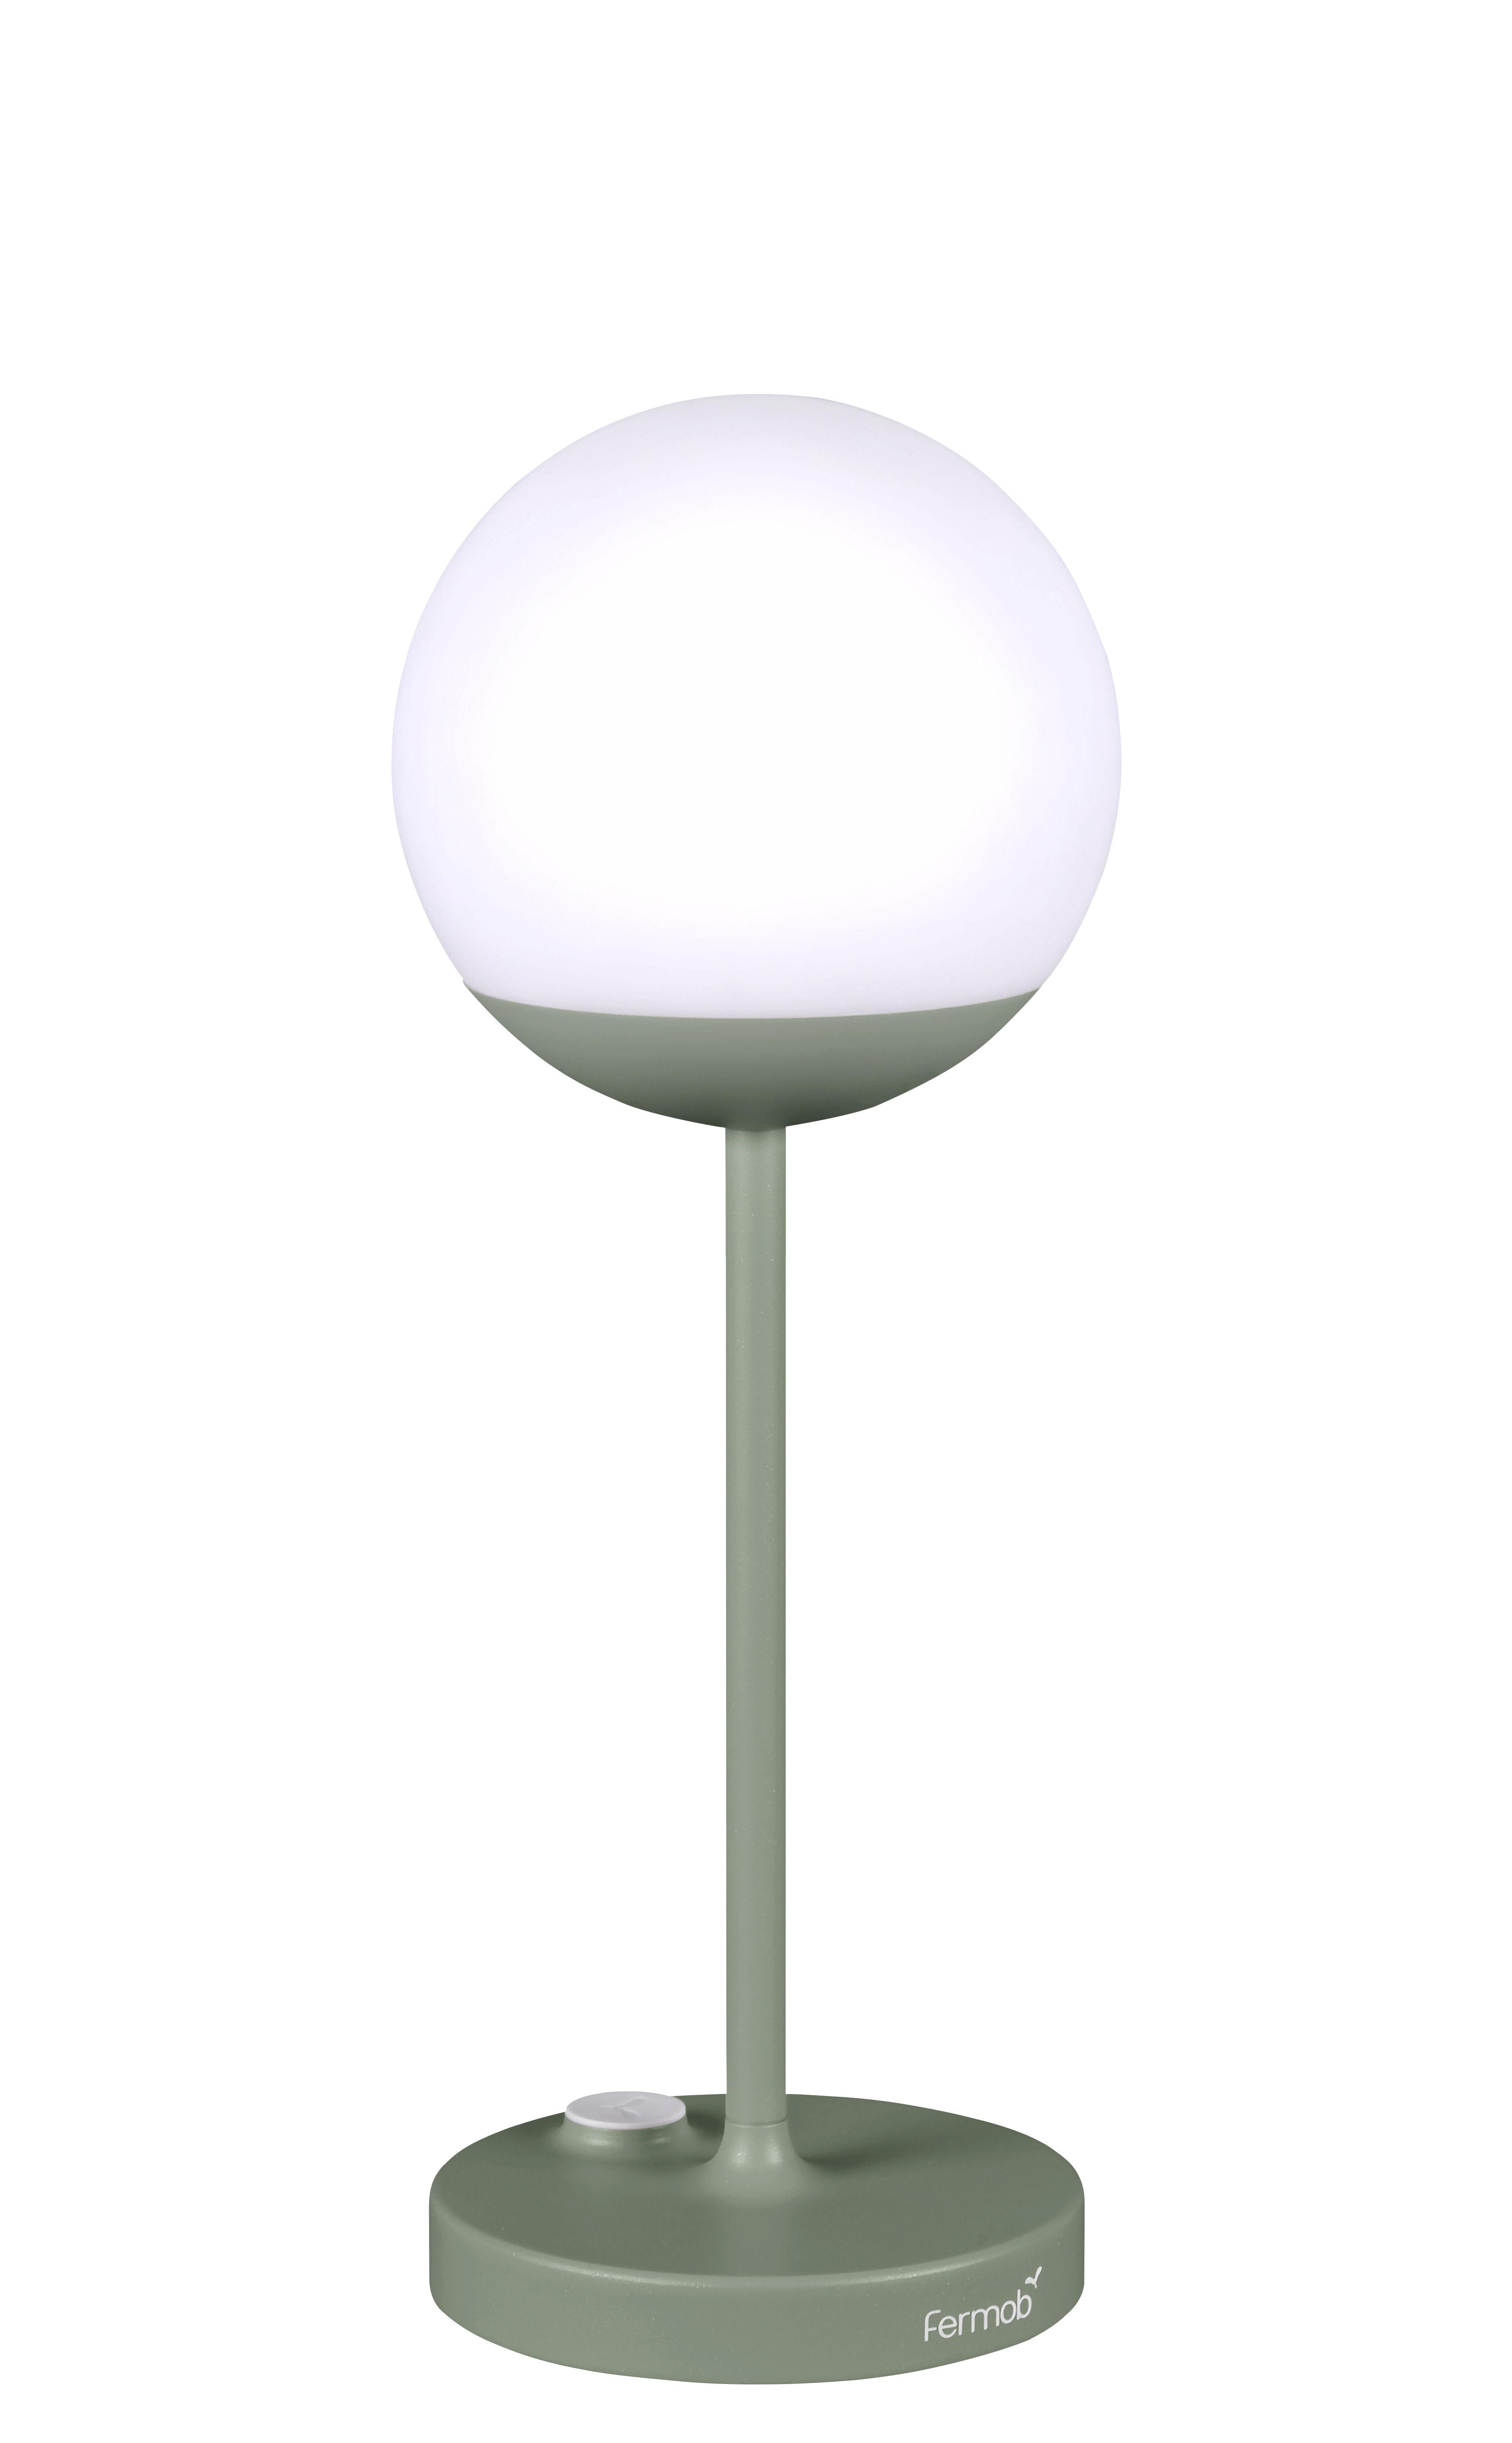 lampe ohne kabel mooon led von fermob gr n made in design. Black Bedroom Furniture Sets. Home Design Ideas